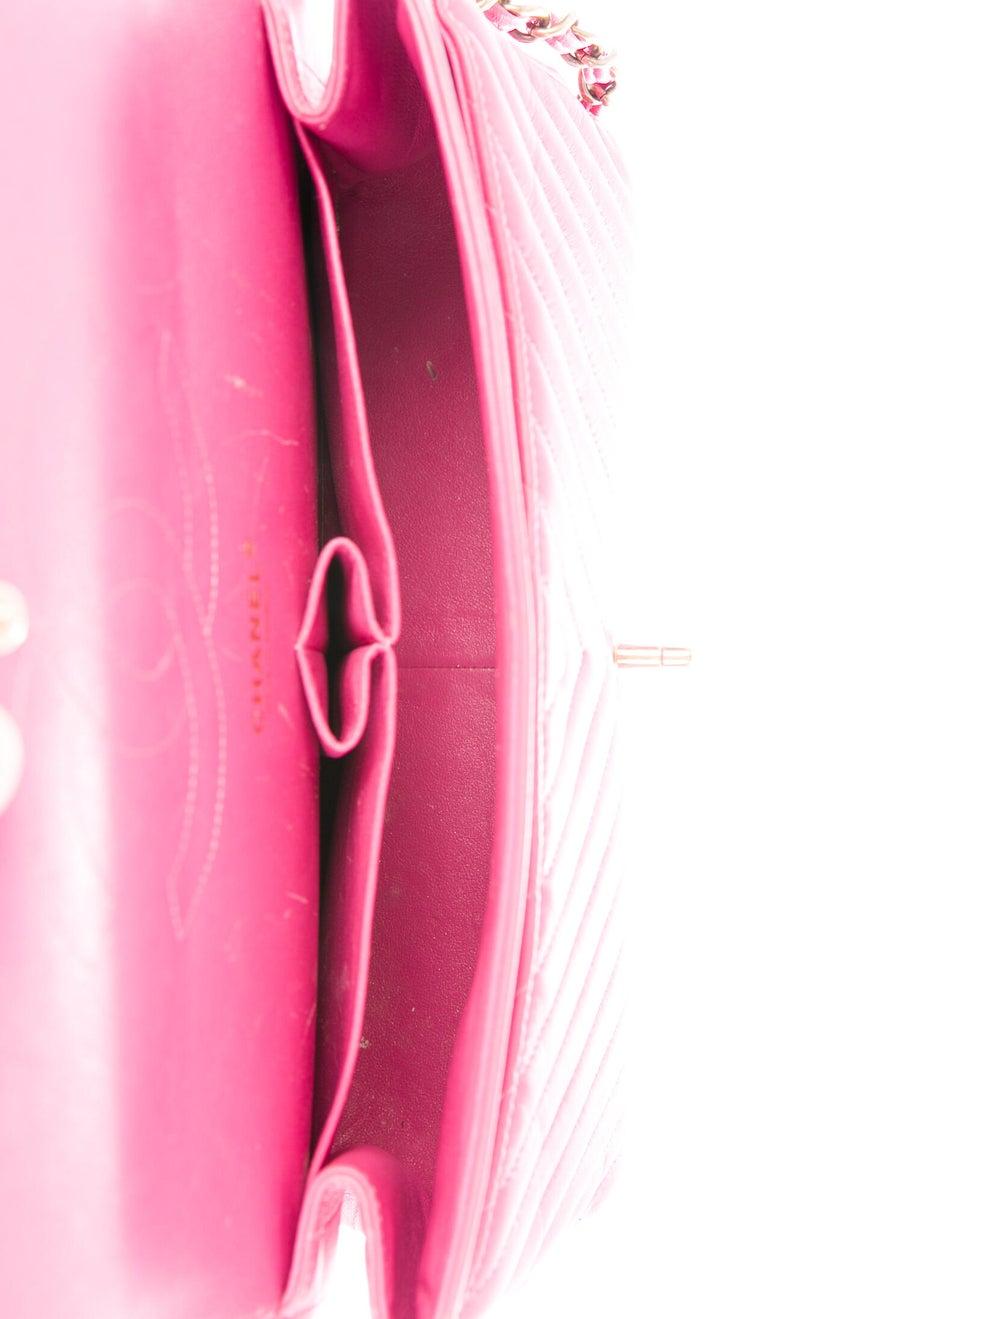 Chanel Chevron Jumbo Classic Double Flap Bag Pink - image 5